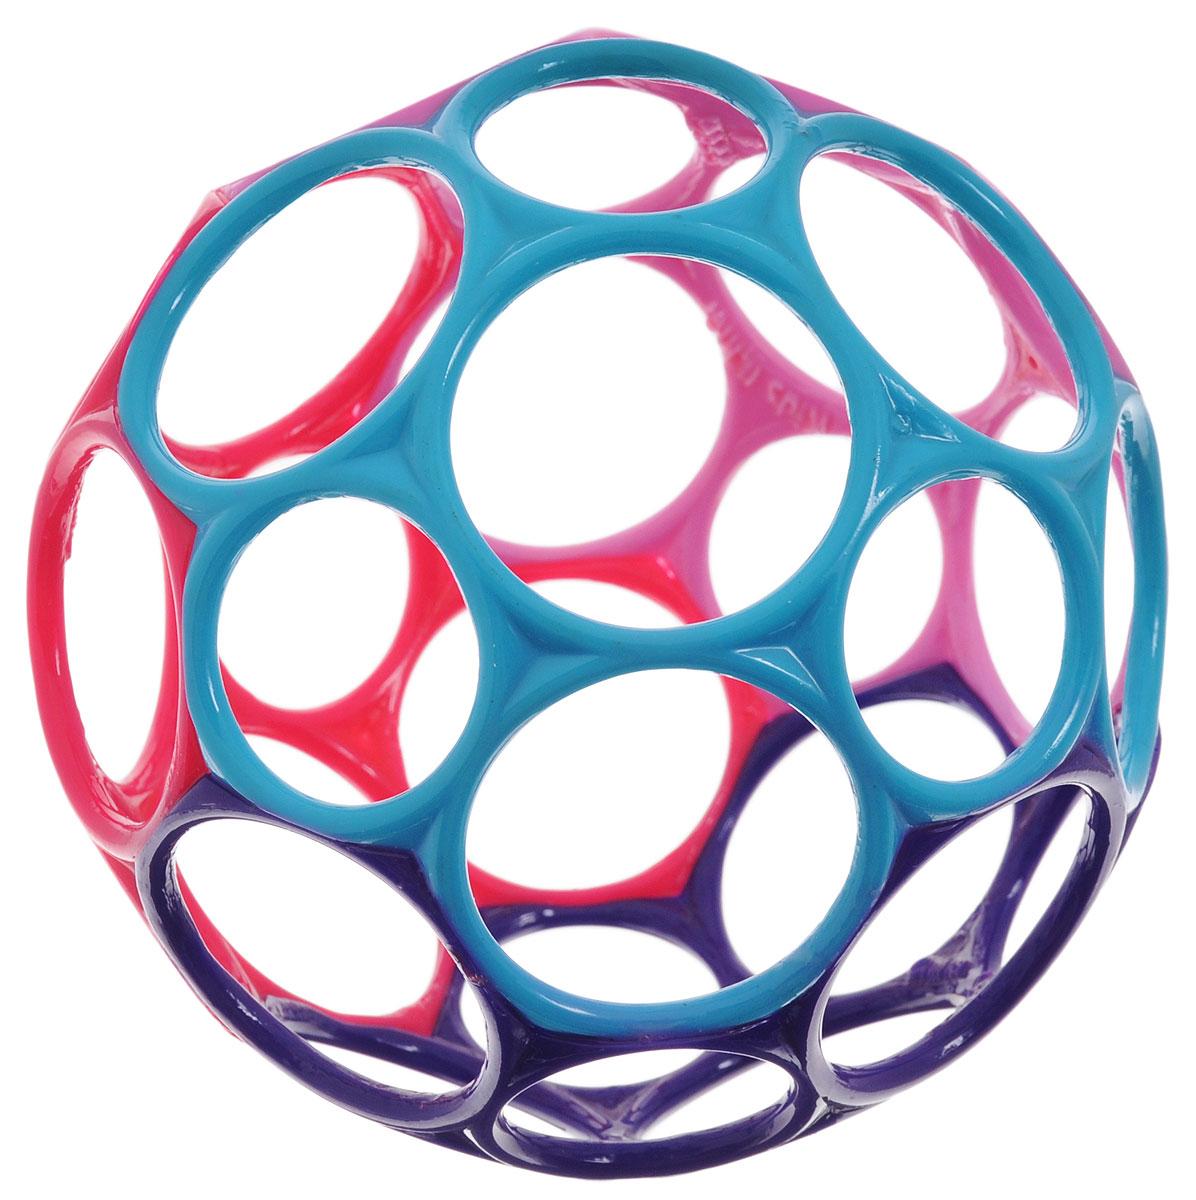 Развивающая игрушка Oball 81024_фиолетовый, голубой, малиновый, розовый